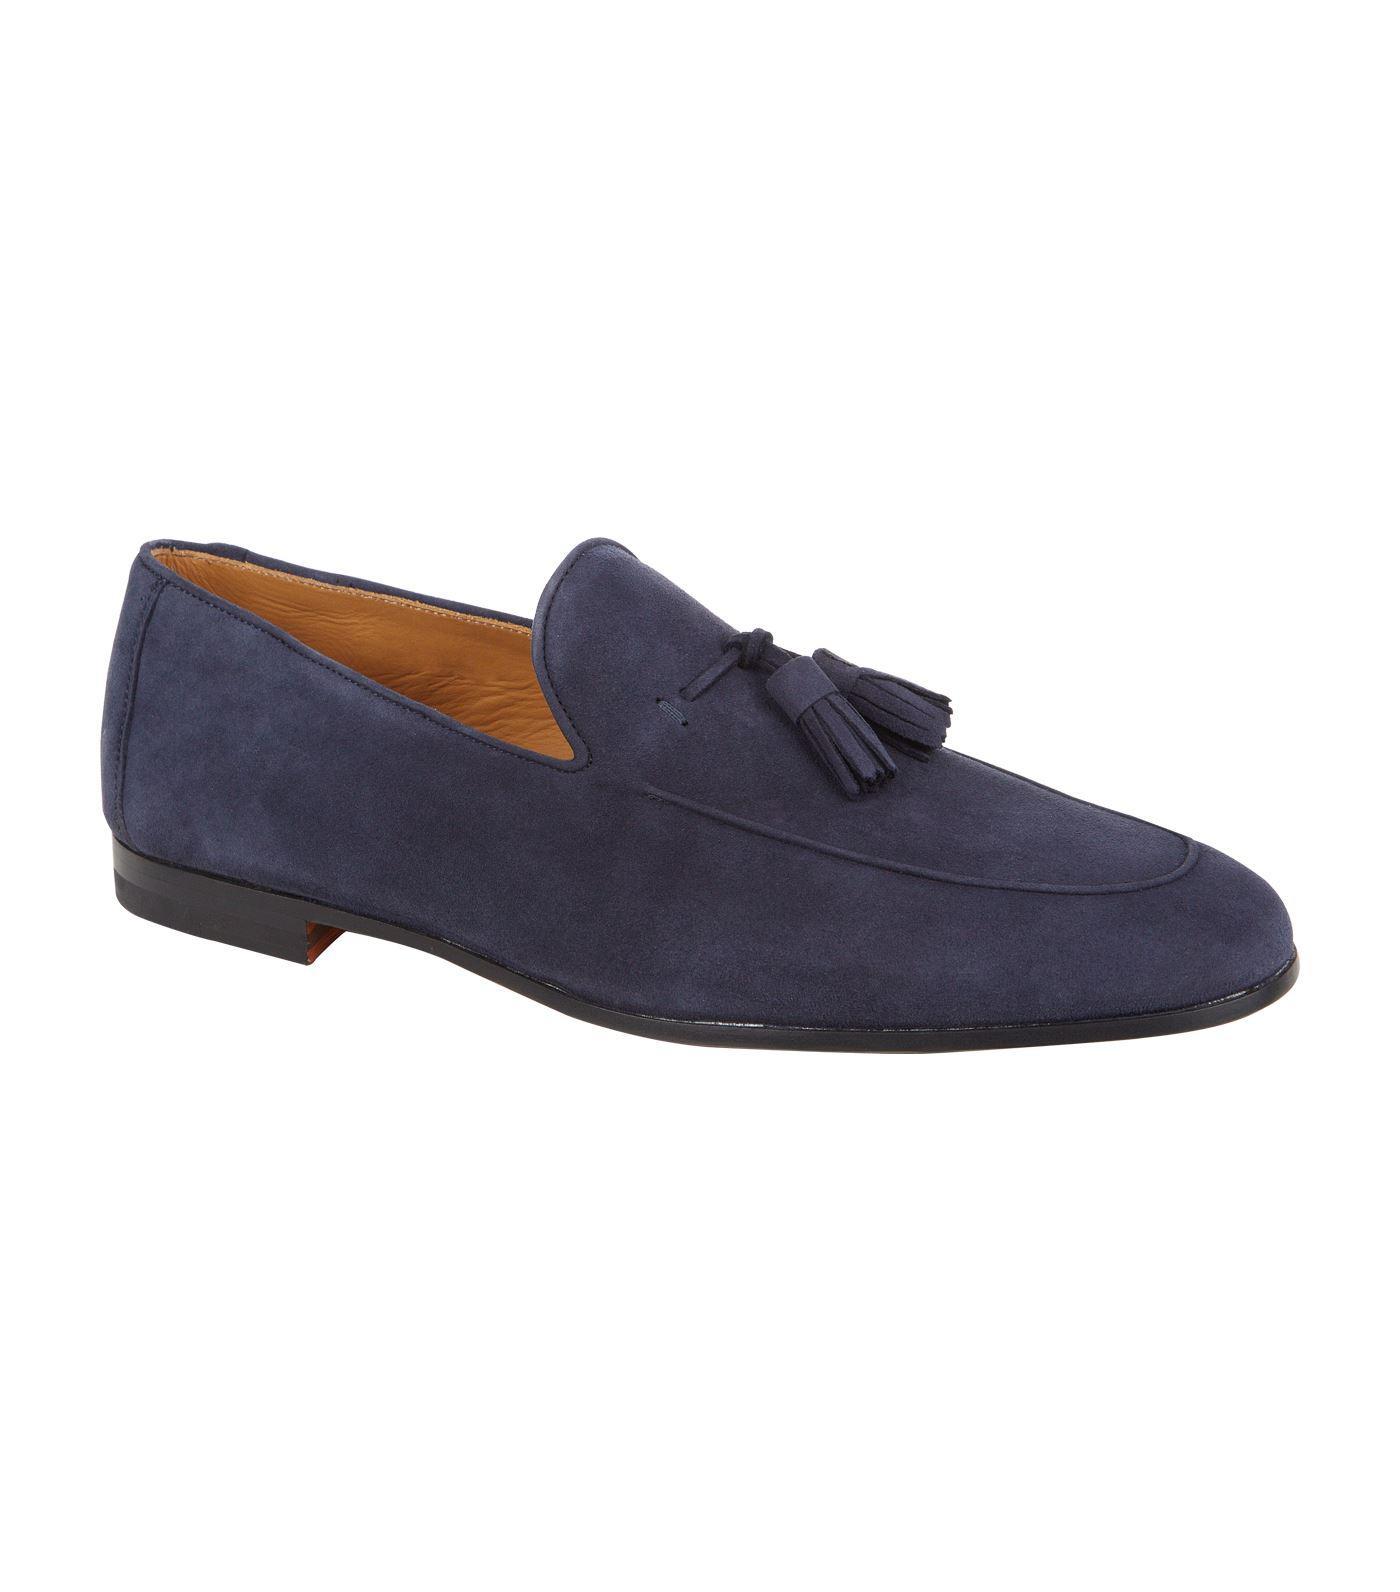 3505d6642de Lyst - Magnanni Suede Tassel Loafer in Blue for Men - Save 23%